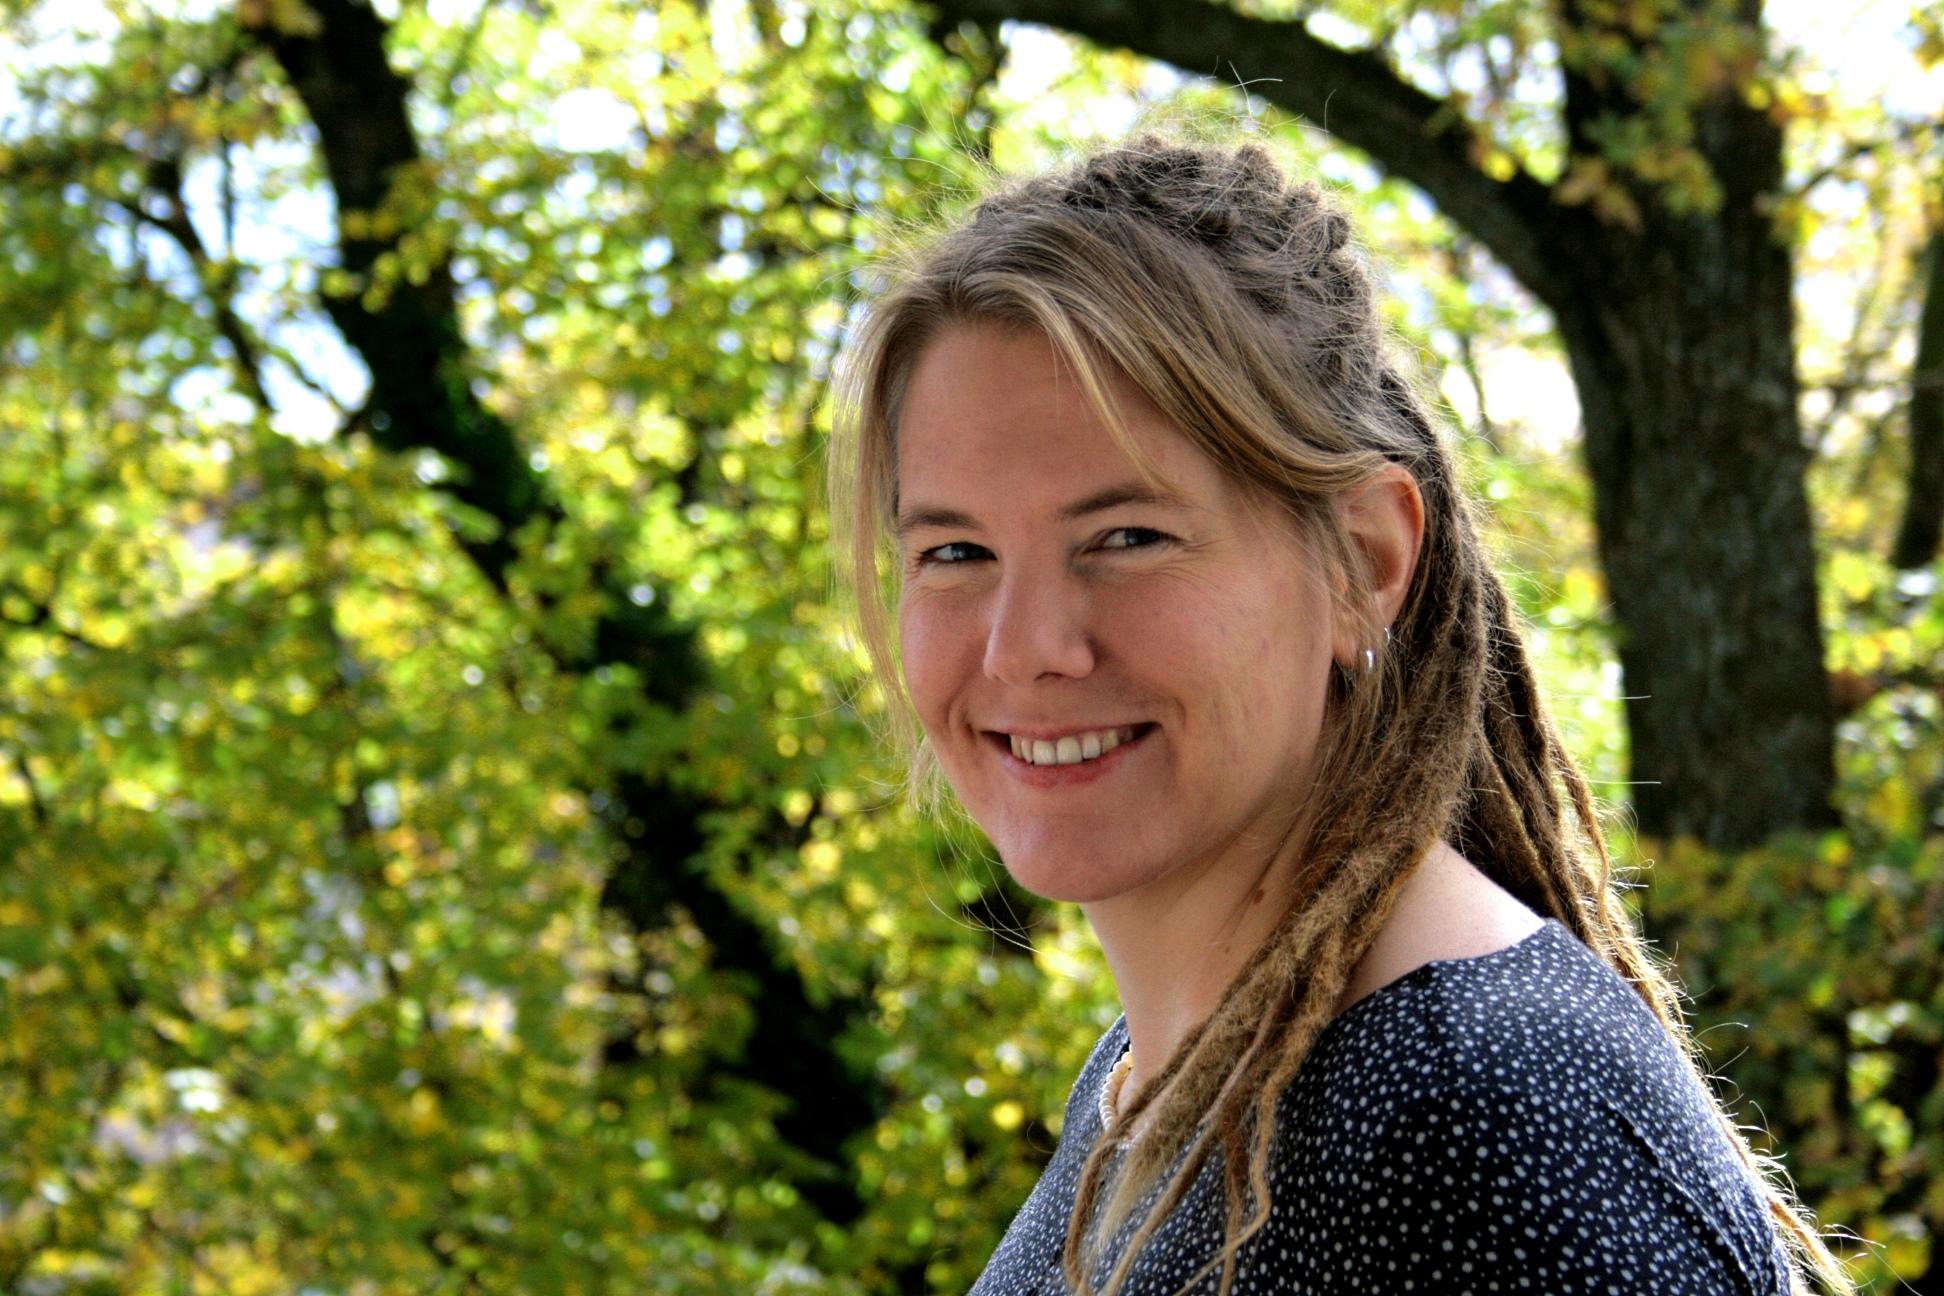 Susanne Gaßner - Portrait